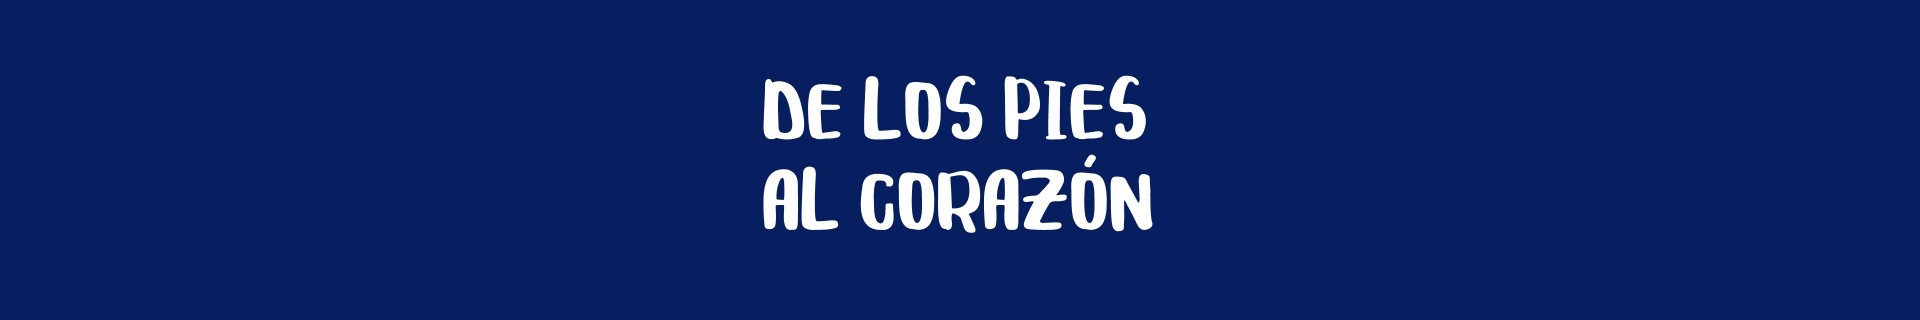 Calcetines de equipos de fútbol